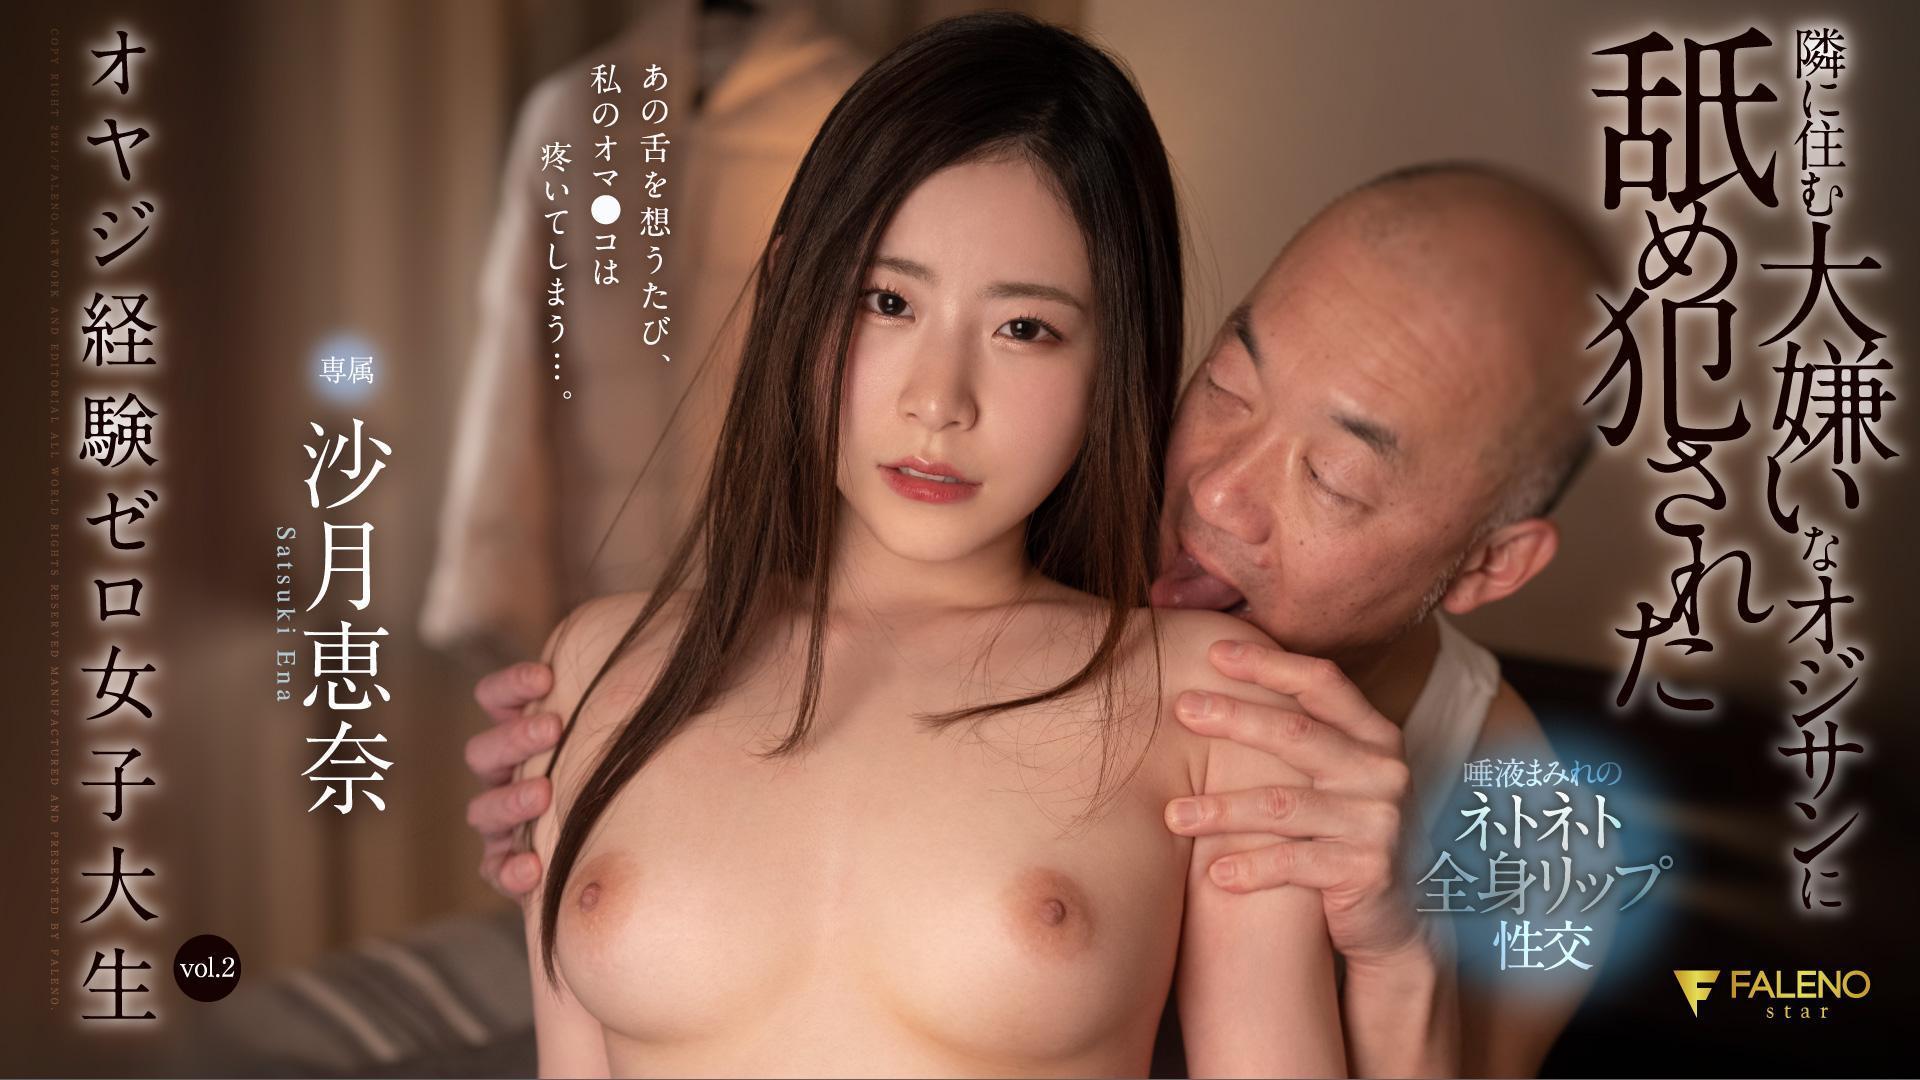 隣に住む大嫌いなオジサンに舐め犯されたオヤジ経験ゼロ女子大生 沙月恵奈 Vol.2